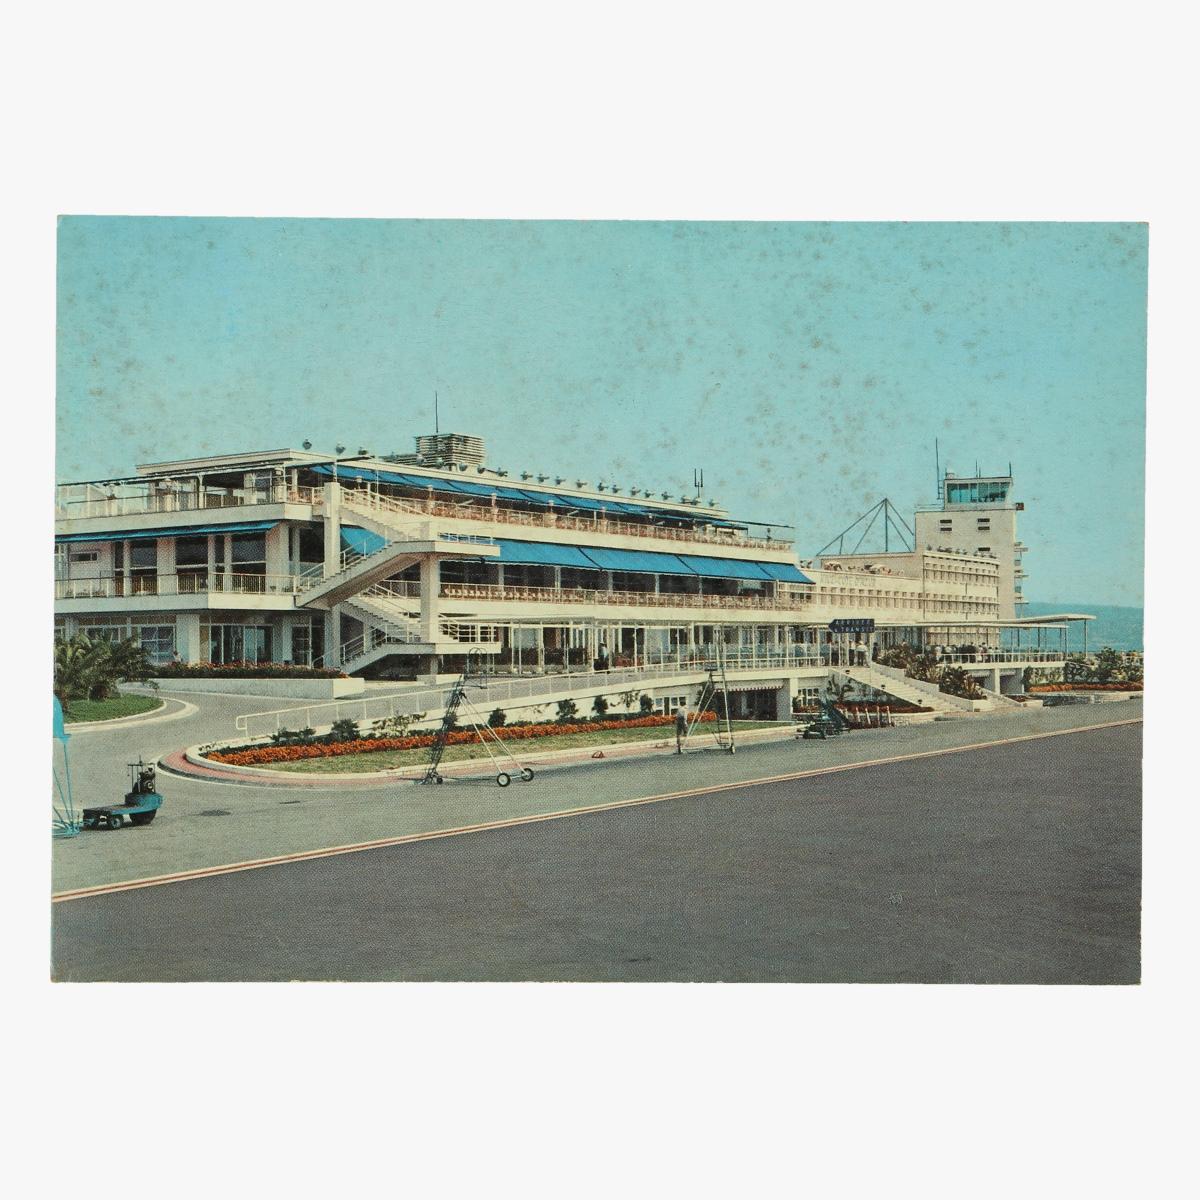 Afbeeldingen van oude postkaart l' aeroport de nice-côte-azur